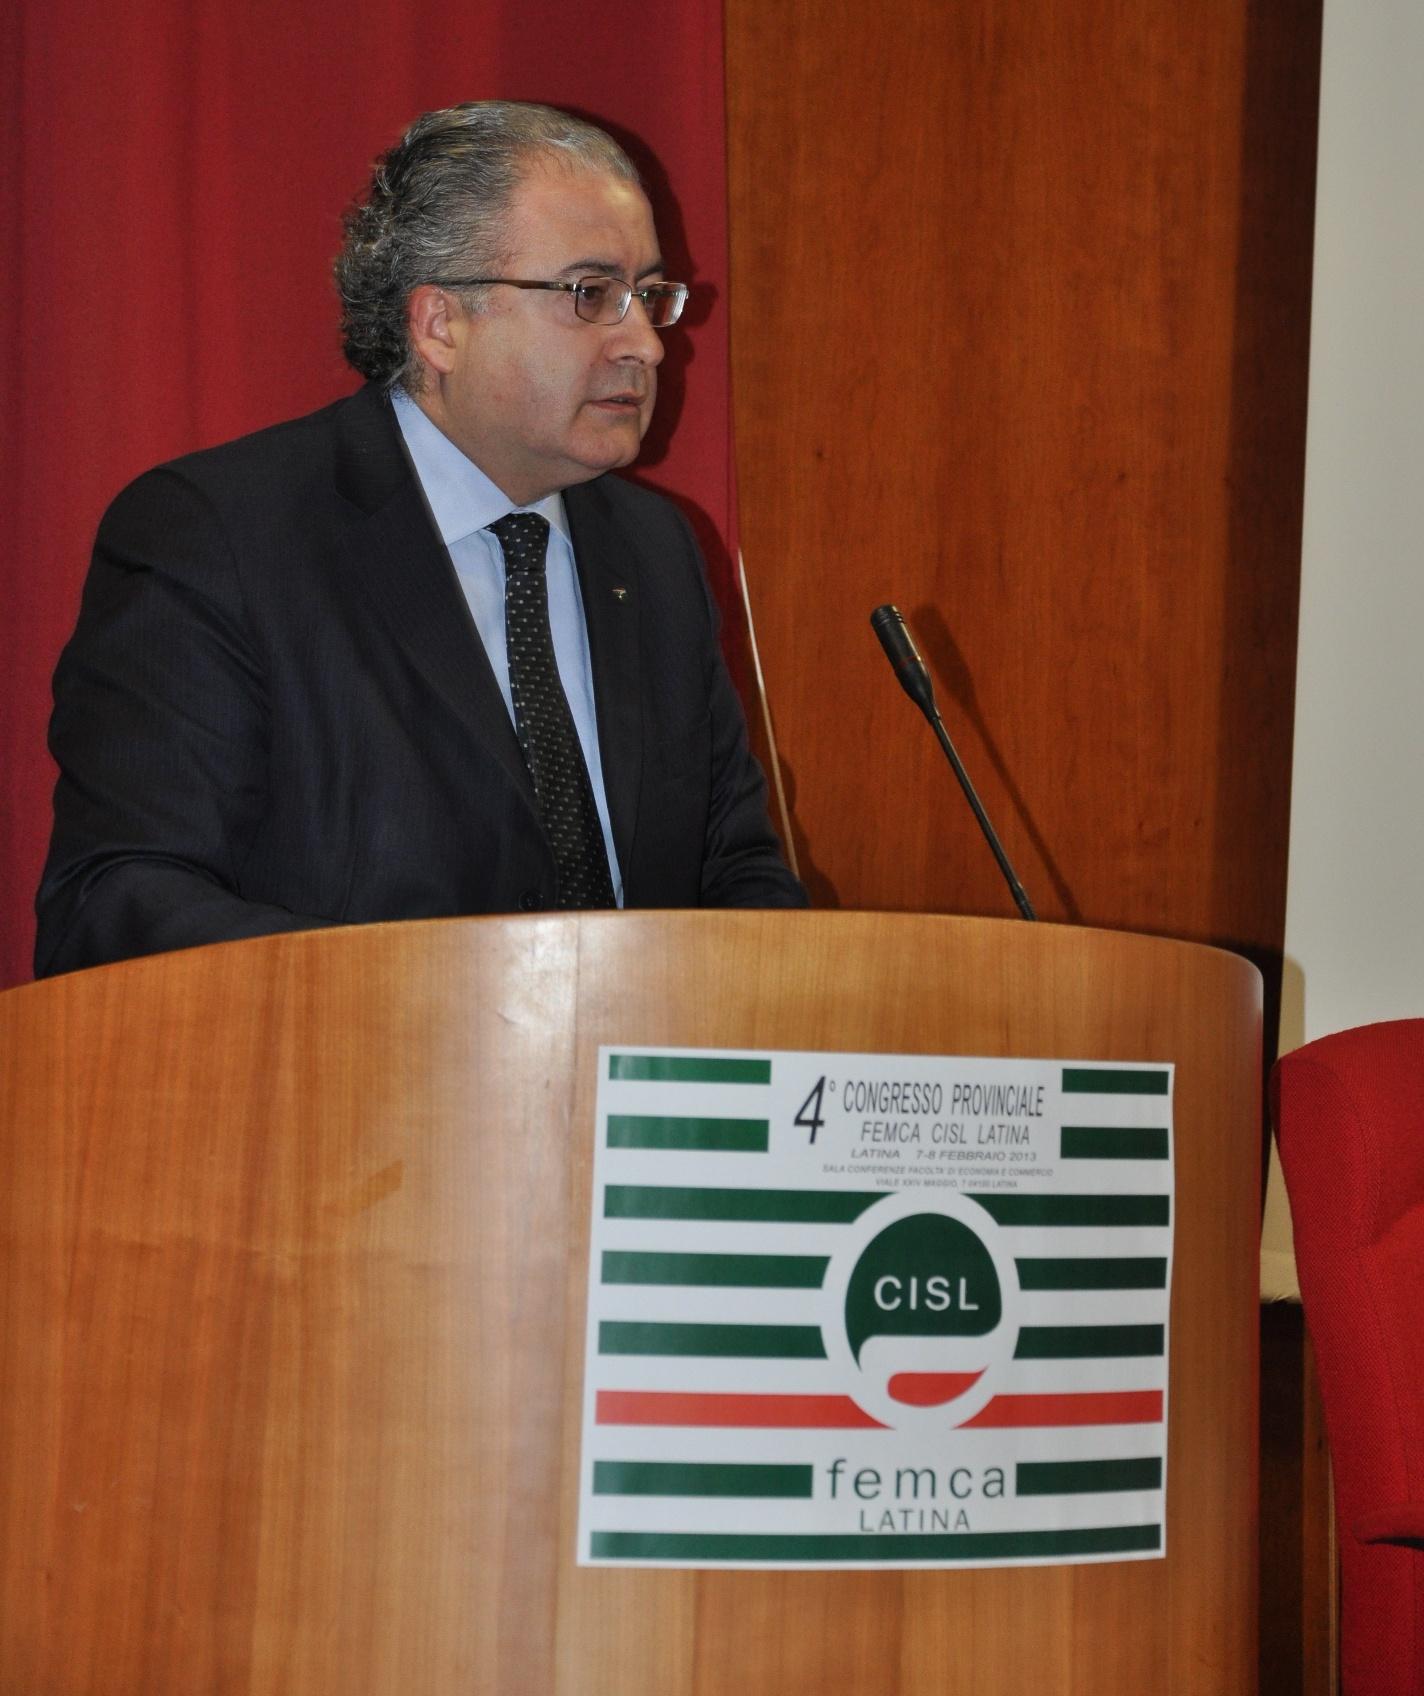 Roberto Cecere